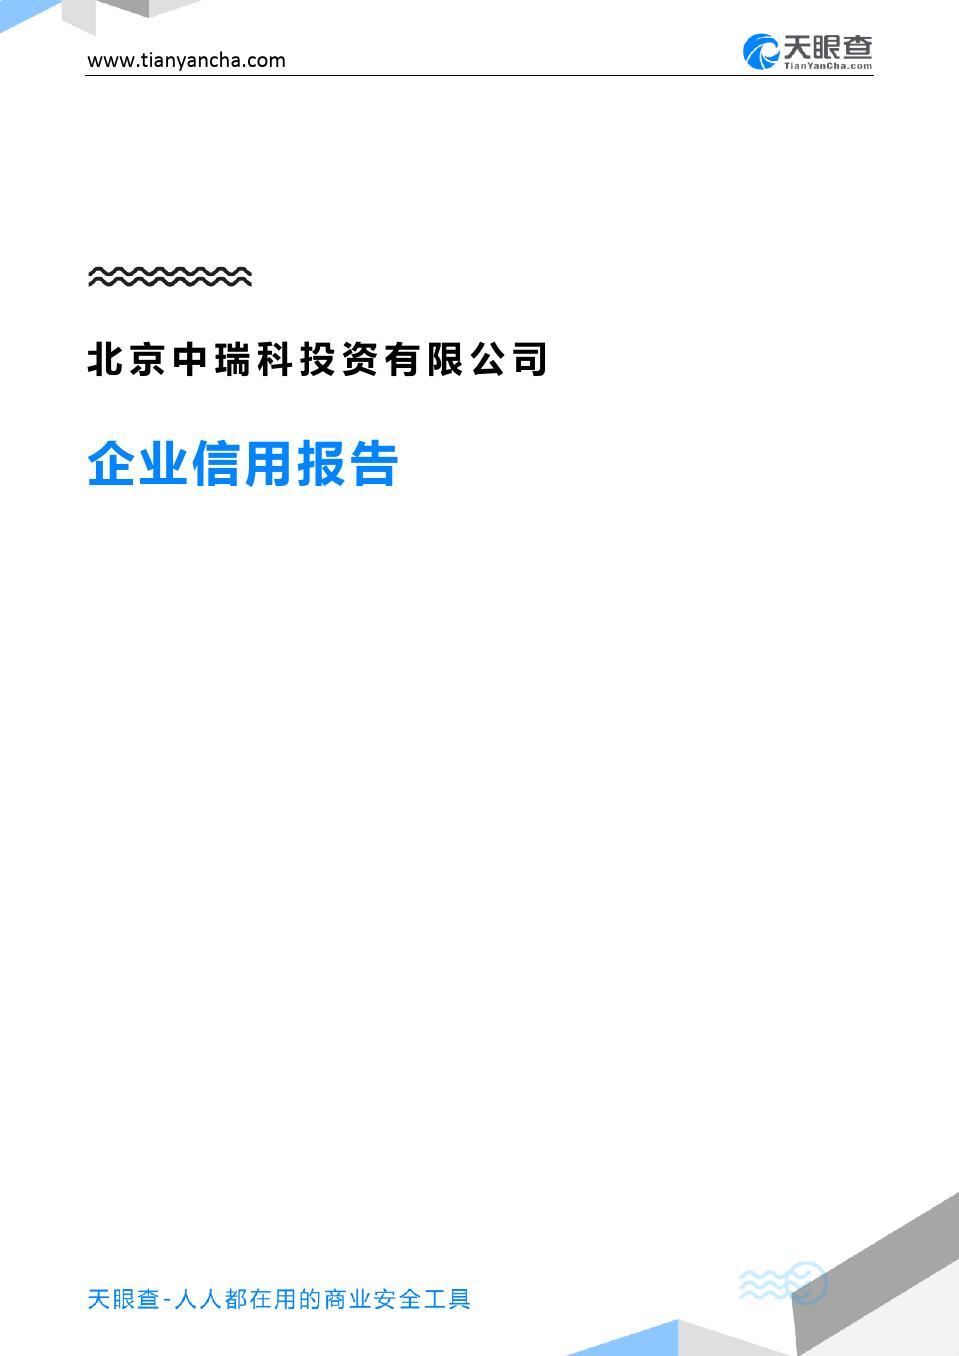 北京中瑞科投資有限公司企業信用報告-天眼查